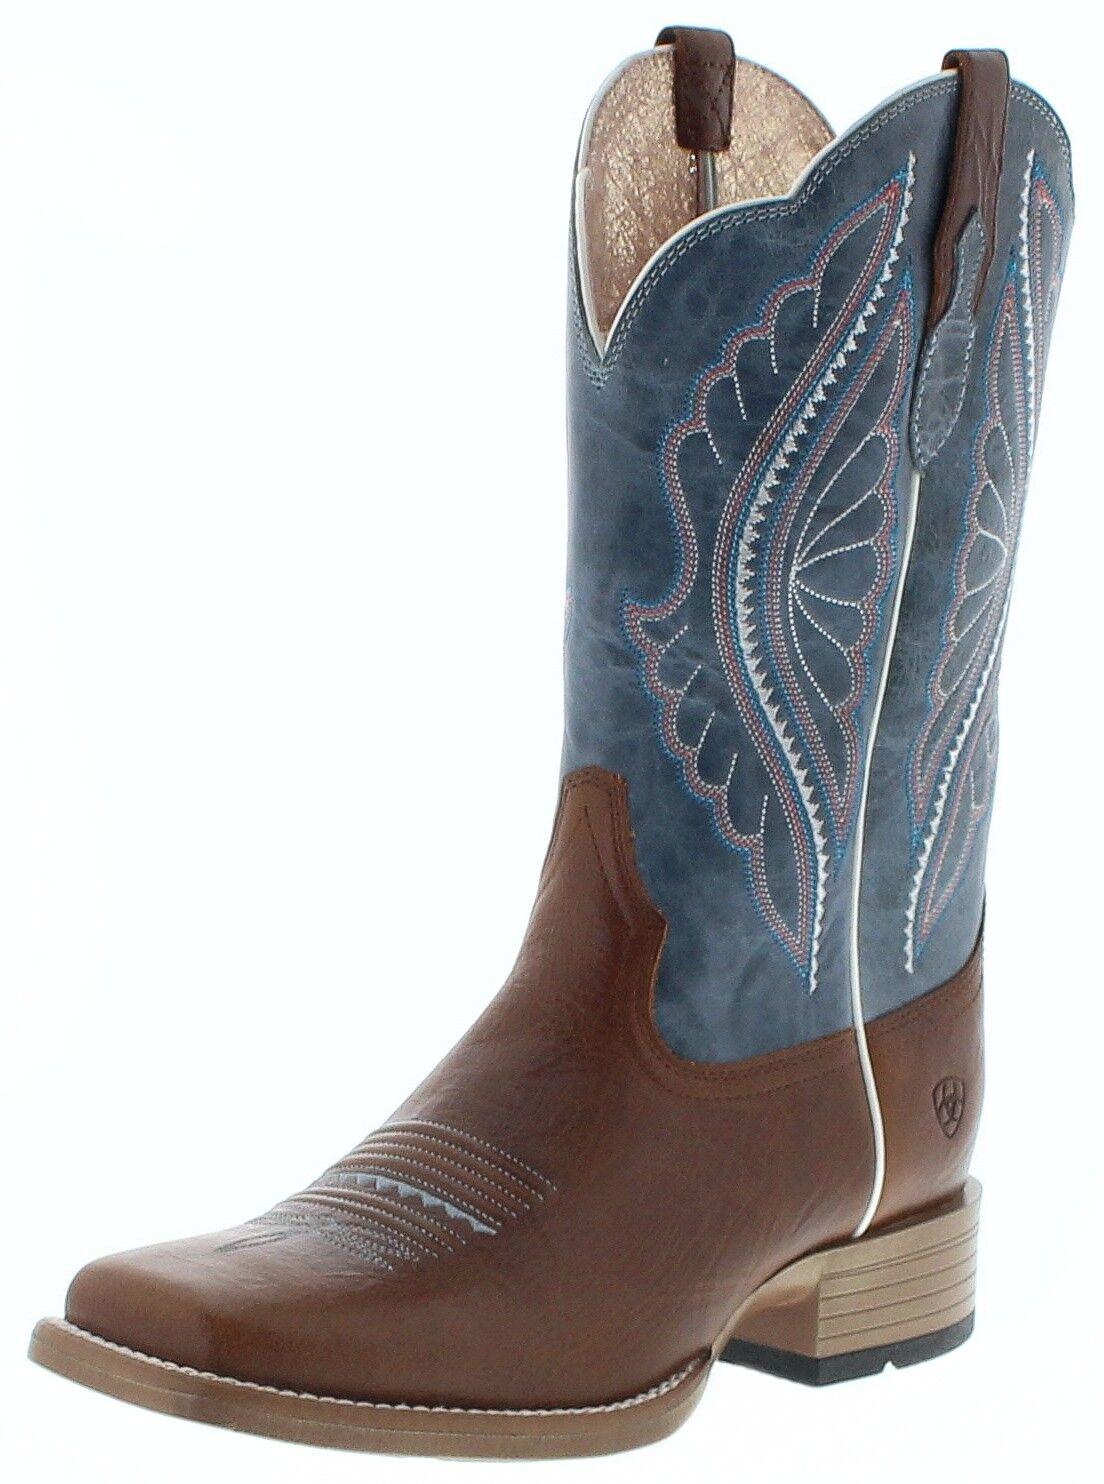 Ariat 25032 Primetime Donna Western MONTALA Stivali Cowboy Stivali Stivali Di Pelle Marronee